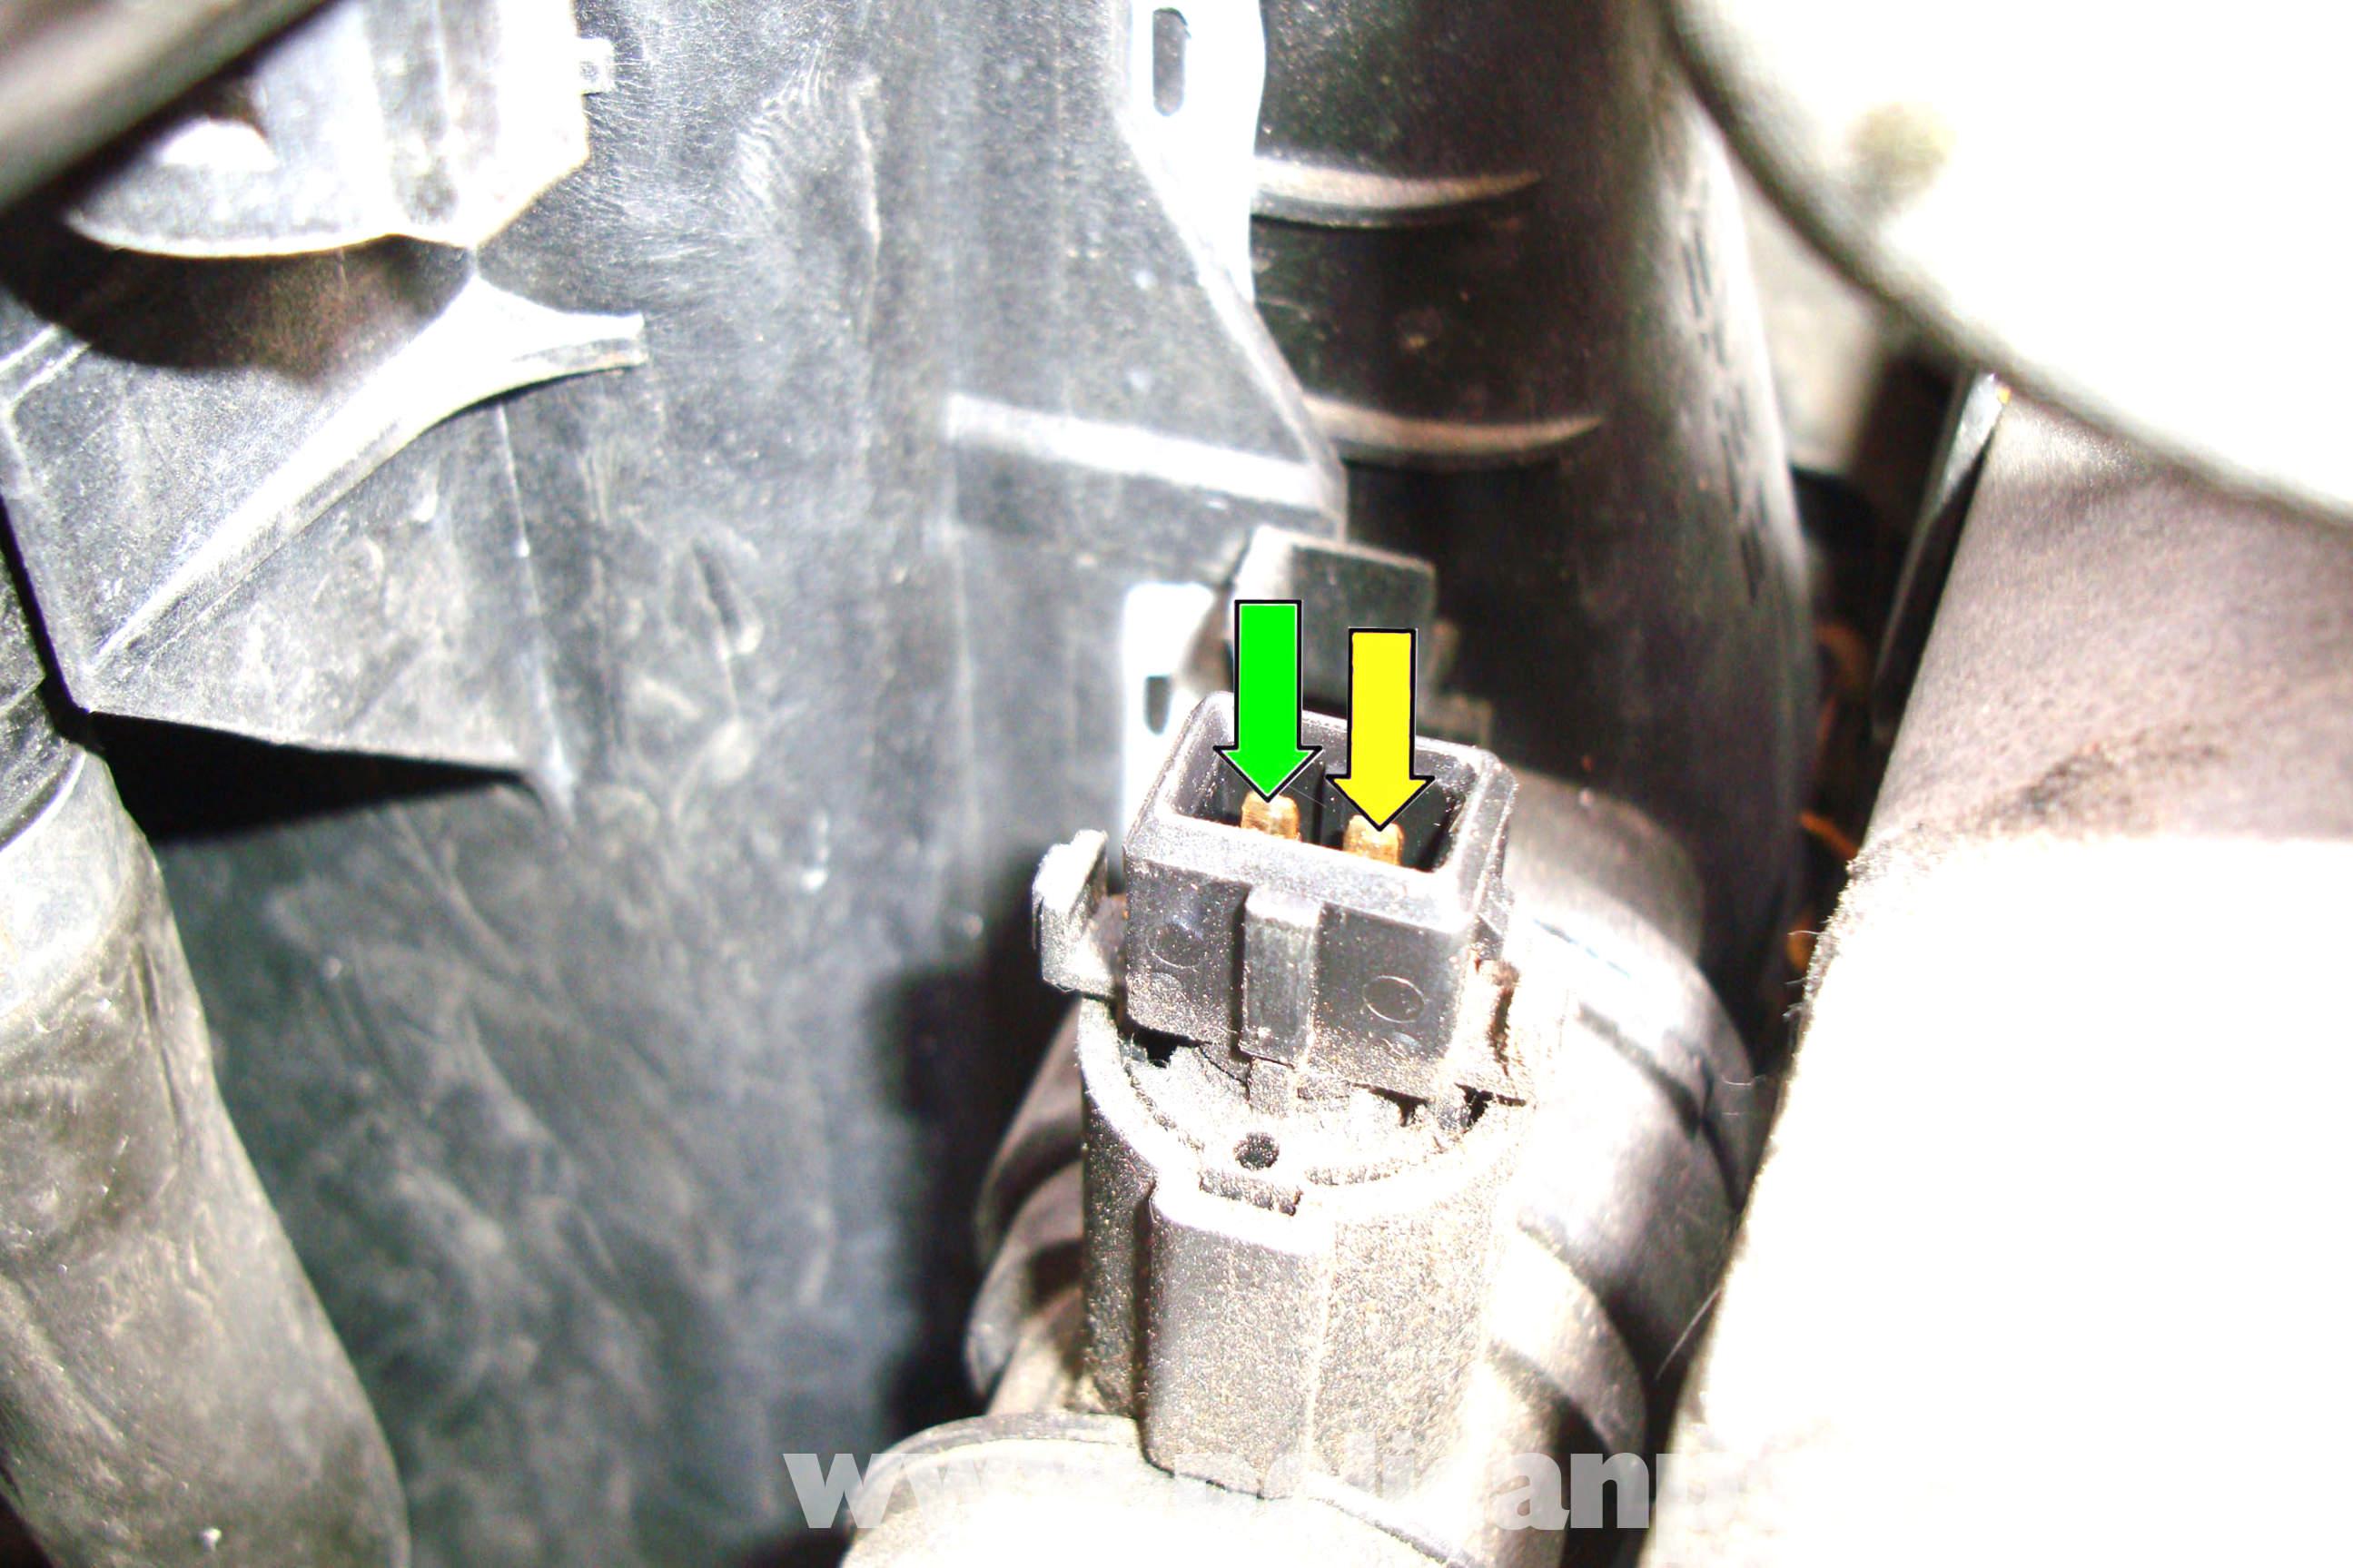 bmw e39 5 series radiator outlet temperature sensor removal 1997 2003 525i 528i 530i 540i. Black Bedroom Furniture Sets. Home Design Ideas